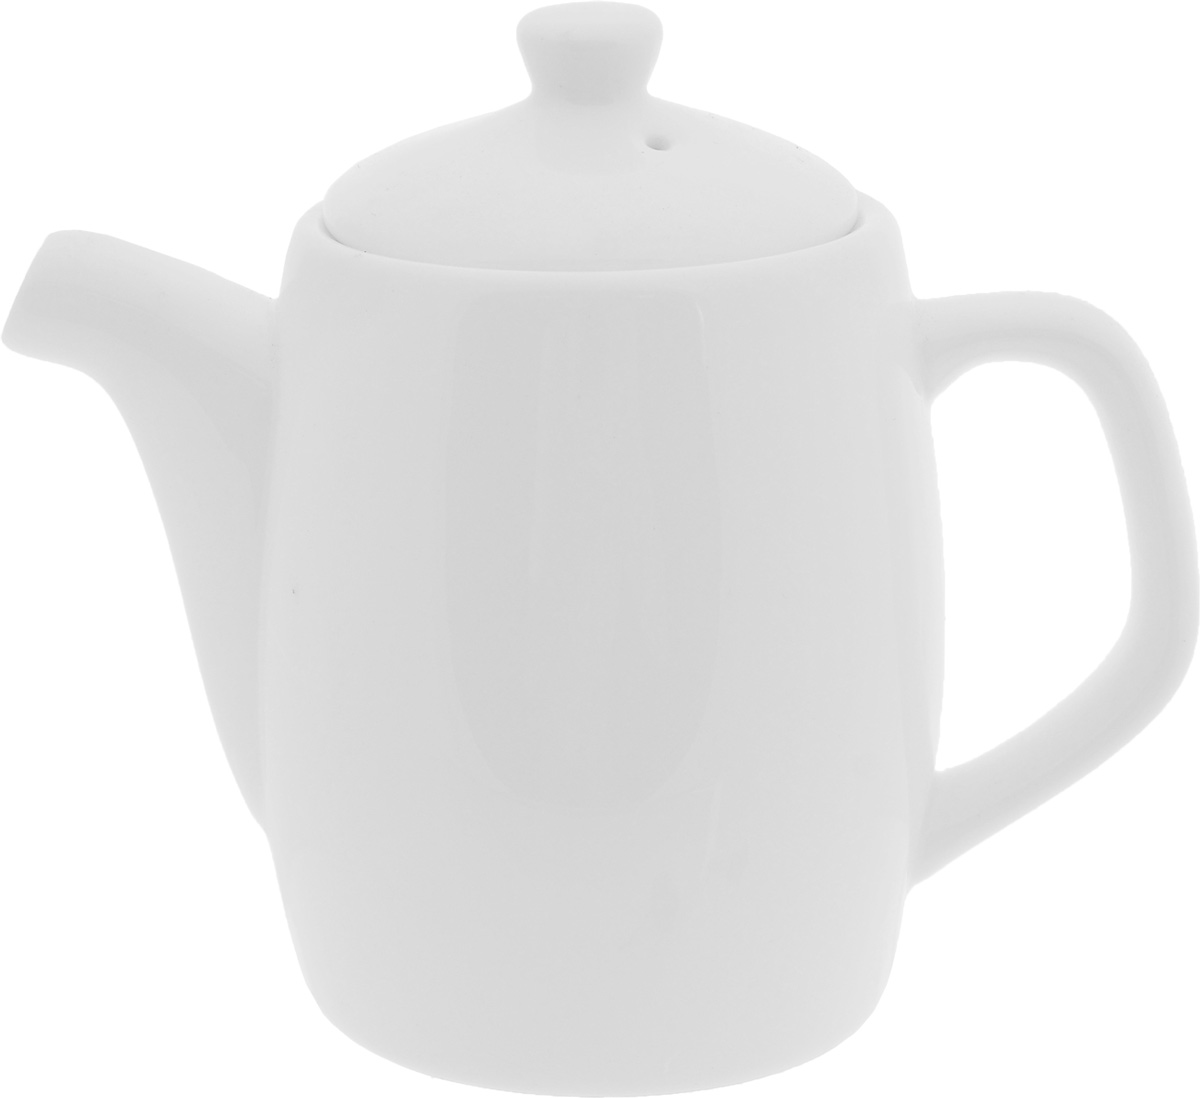 Чайник заварочный Wilmax, 350 млVT-1520(SR)Заварочный чайник Wilmax изготовлен из высококачественного фарфора. Глазурованное покрытие обеспечивает легкую очистку. Изделие прекрасно подходит для заваривания вкусного и ароматного чая, а также травяных настоев. Ситечко в основании носика препятствует попаданию чаинок в чашку. Оригинальный дизайн сделает чайник настоящим украшением стола. Он удобен в использовании и понравится каждому.Можно мыть в посудомоечной машине и использовать в микроволновой печи. Диаметр чайника (по верхнему краю): 7 см. Высота чайника (без учета крышки): 10 см.